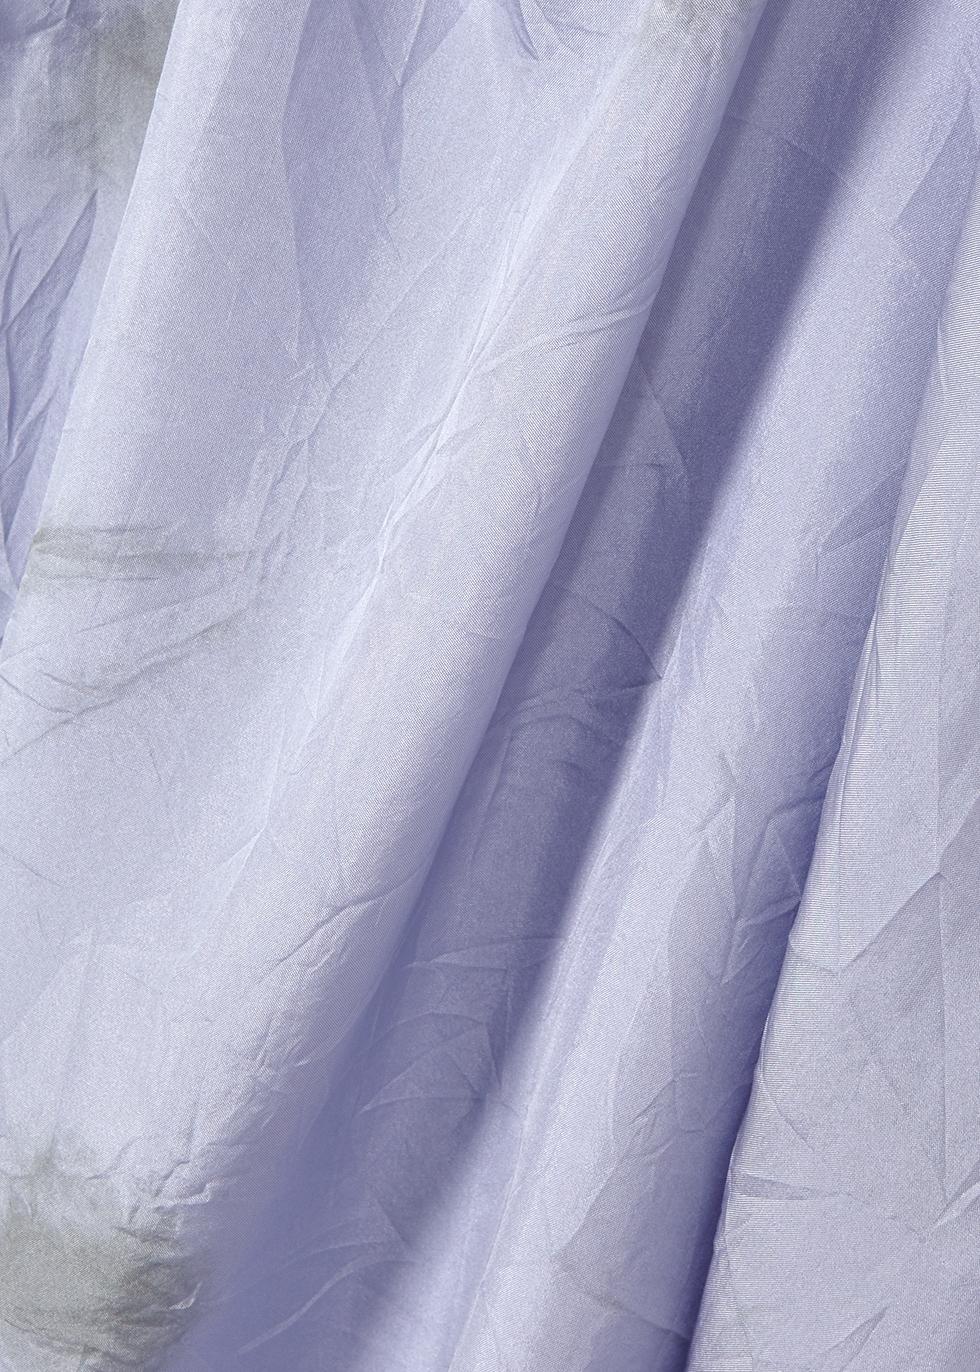 Lilac tie-dye silk top - EILEEN FISHER